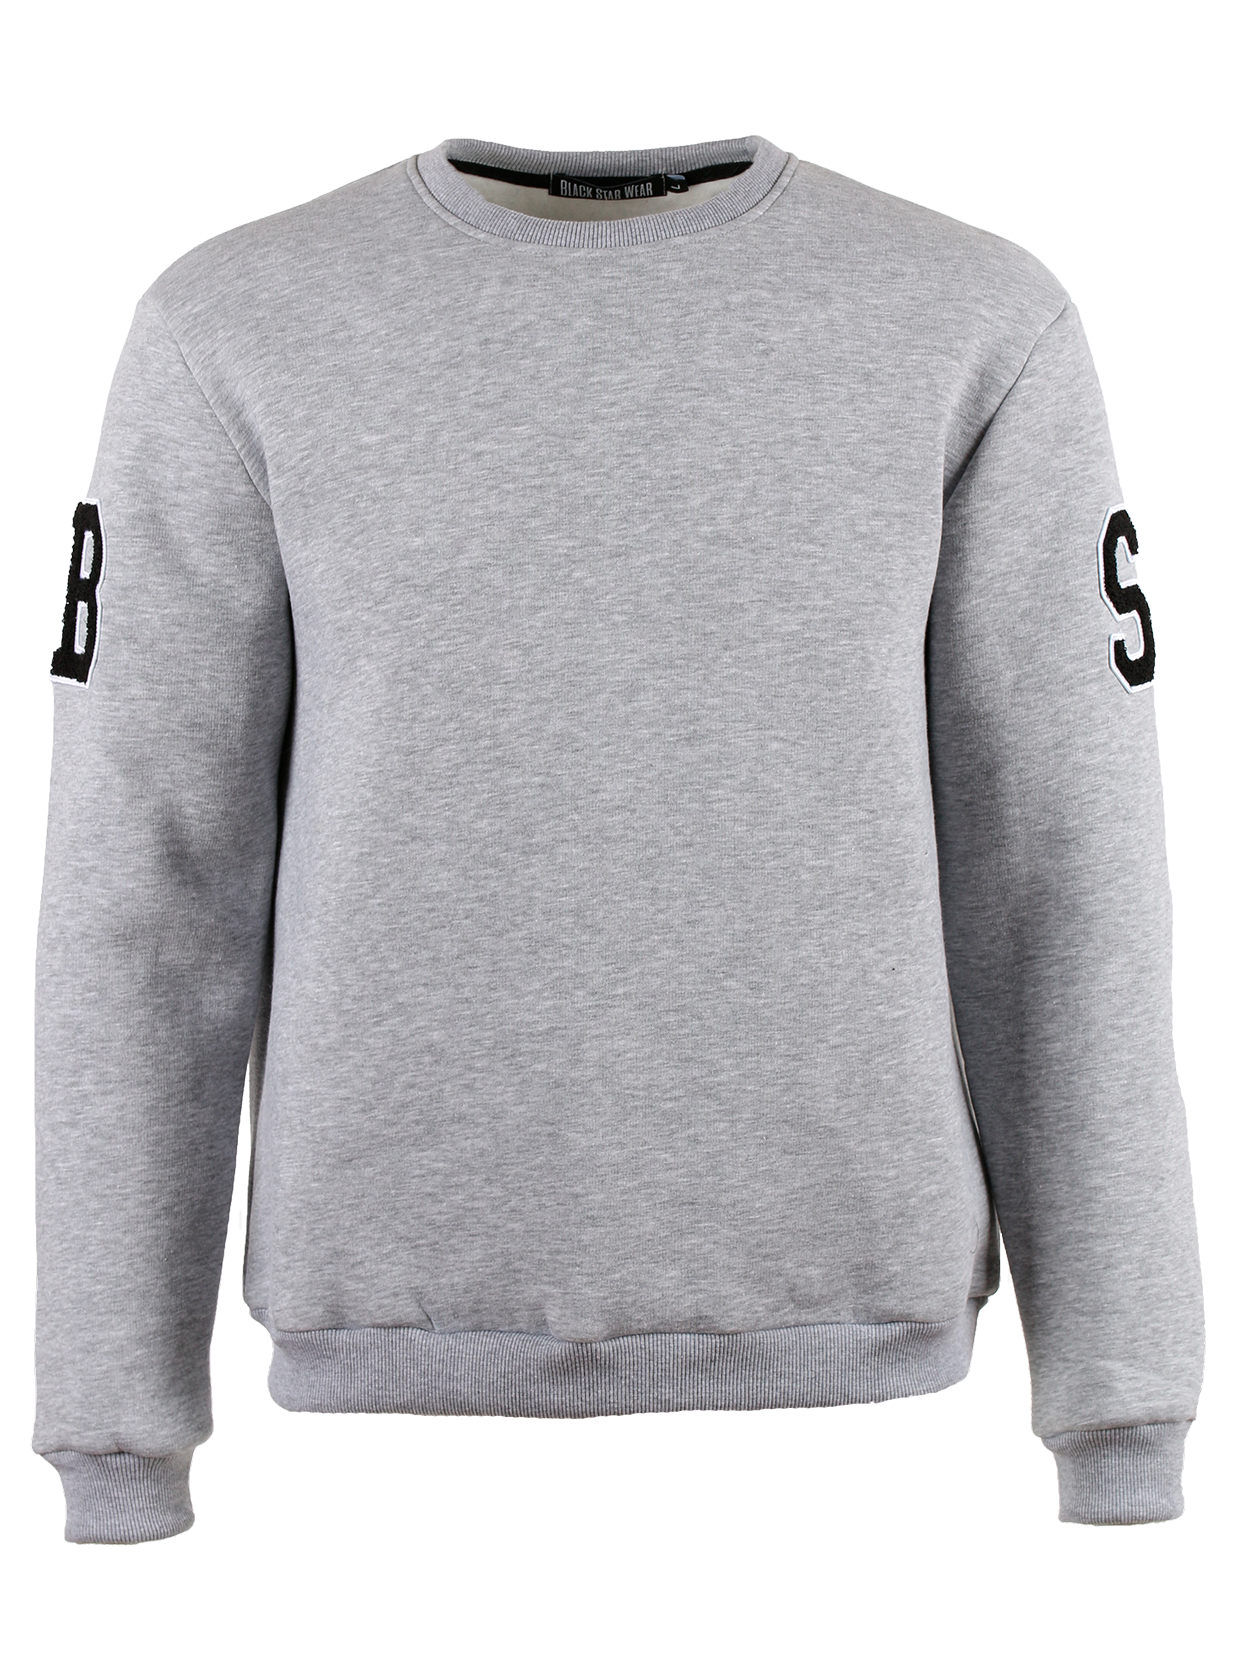 Костюм спортивный мужской GREY TAFTINGКостюм спортивный мужской Gray Tafting – обязательная вещь в любом гардеробе. Комплект состоит из свитшота прямого свободного кроя и зауженных джоггеров. Модель представлена в популярном цвете серый меланж. На рукавах нашивки с черными буквами B и S. Округлая горловина с жаккардовым лейблом Black Star Wear внутри. Манжеты, пояса и нижний край брюк выполнены из эластичной трикотажной резинки с рифленой текстурой. Изделие выполнено из натурального футера, обладающего высокой практичностью и износостойкостью.<br><br>Размер: S<br>Цвет: Серый меланж<br>Пол: Унисекс